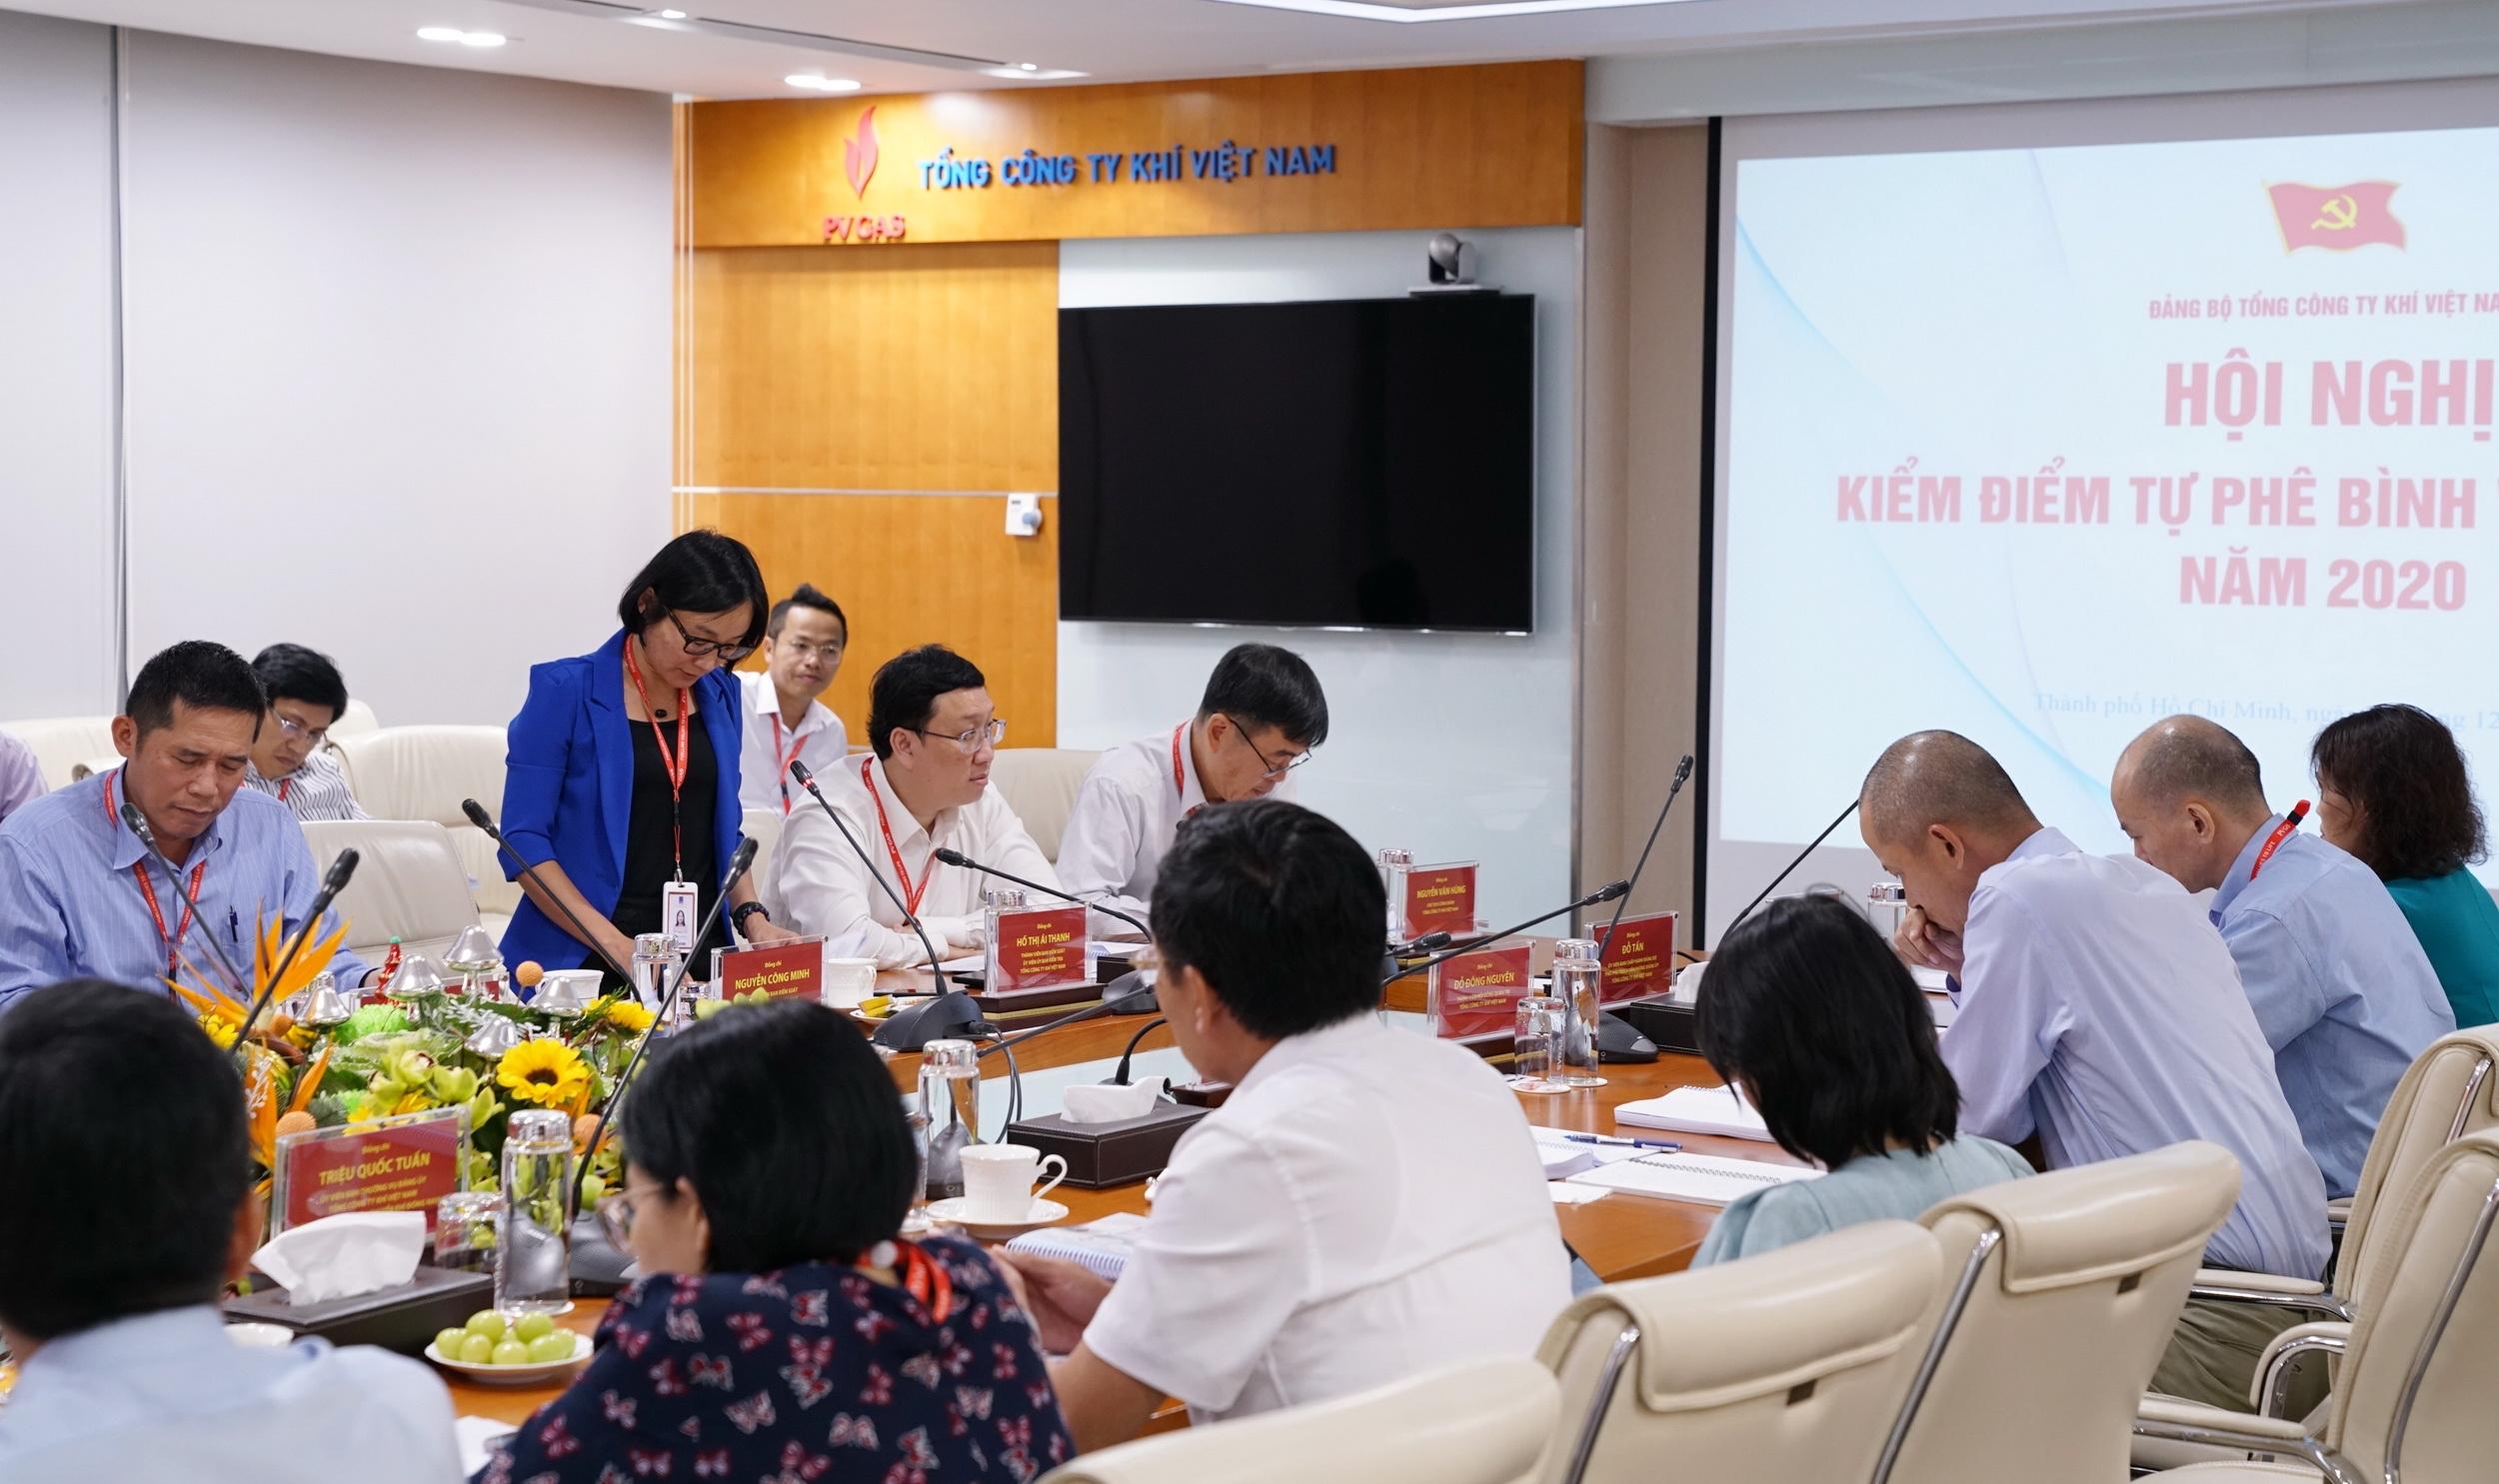 PV GAS tổ chức Hội nghị kiểm điểm, tự phê bình và phê bình theo Nghị quyết Đảng